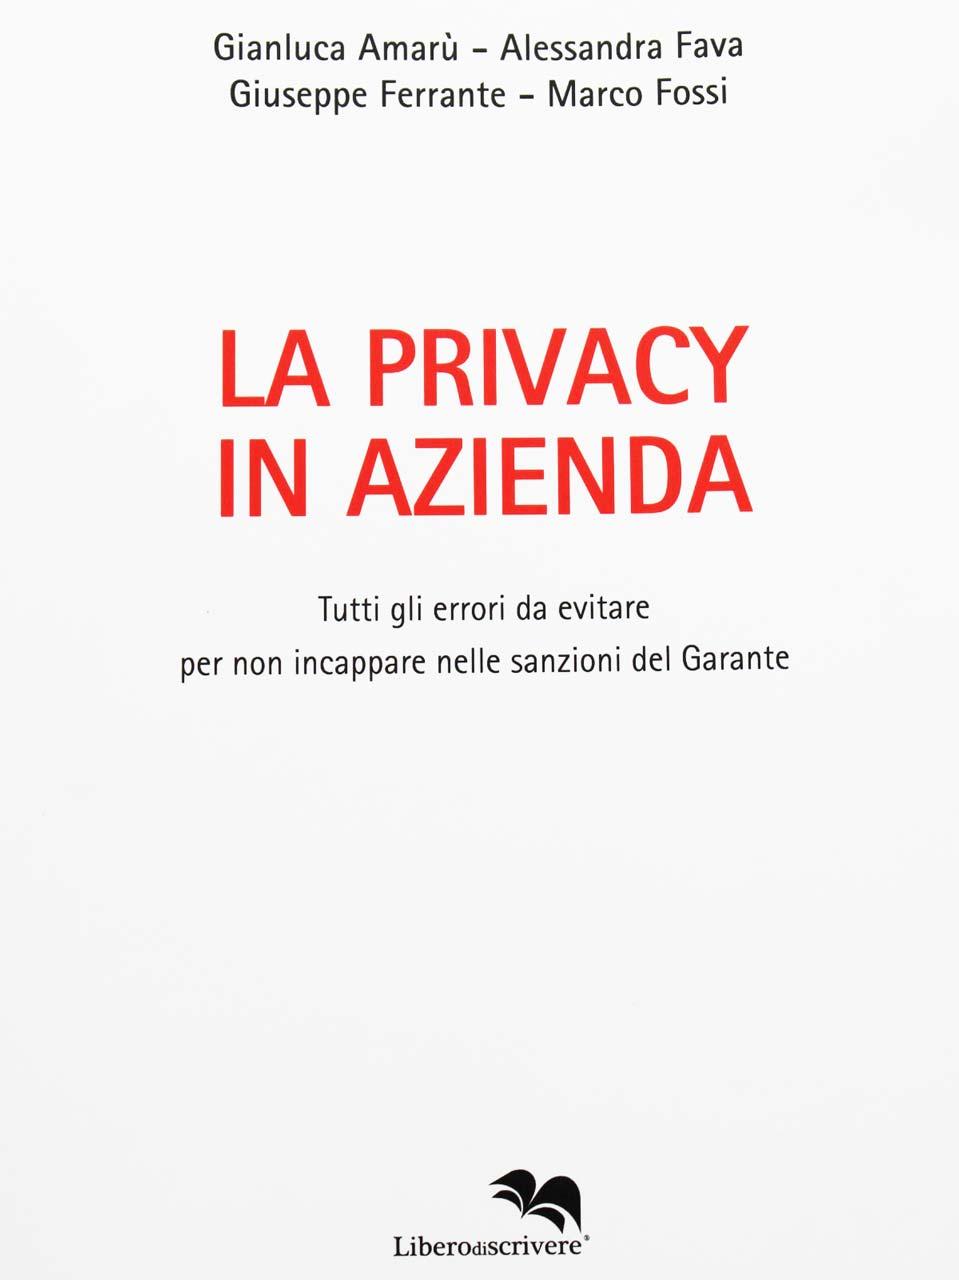 La Privacy In azienda - Alessandra Fava e Marco Fossi